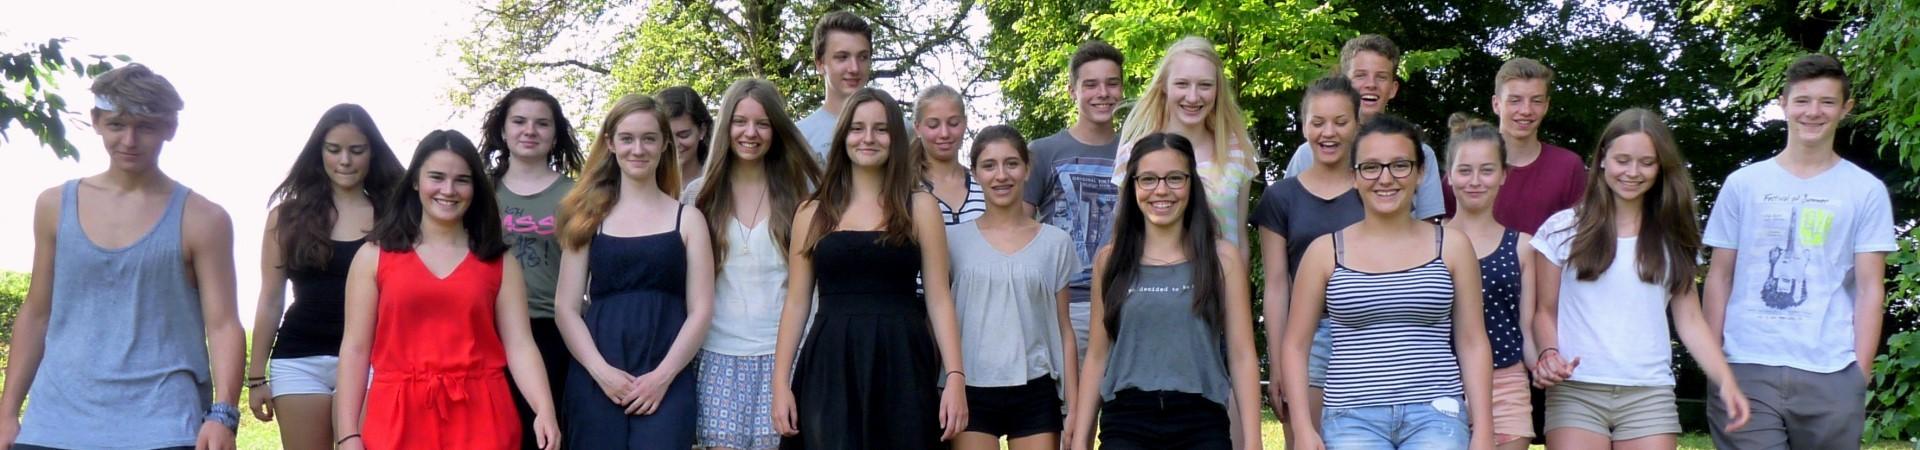 http://ASG-Passau.de/wp-content/uploads/2015/07/Slider_Tutoren-1516-1920x450.jpg